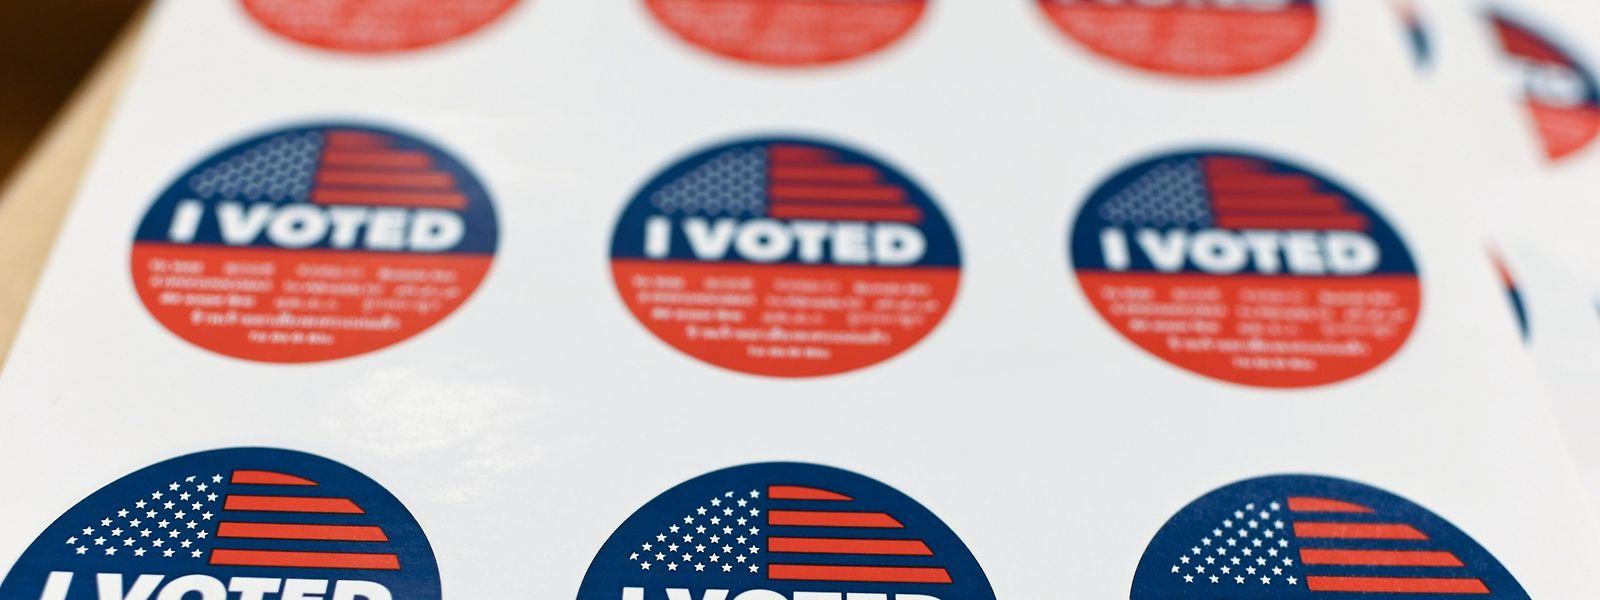 Les scrutins prévus ce mardi en Arizona, Floride et Illinois sont maintenus avec des mesures de précaution renforcées